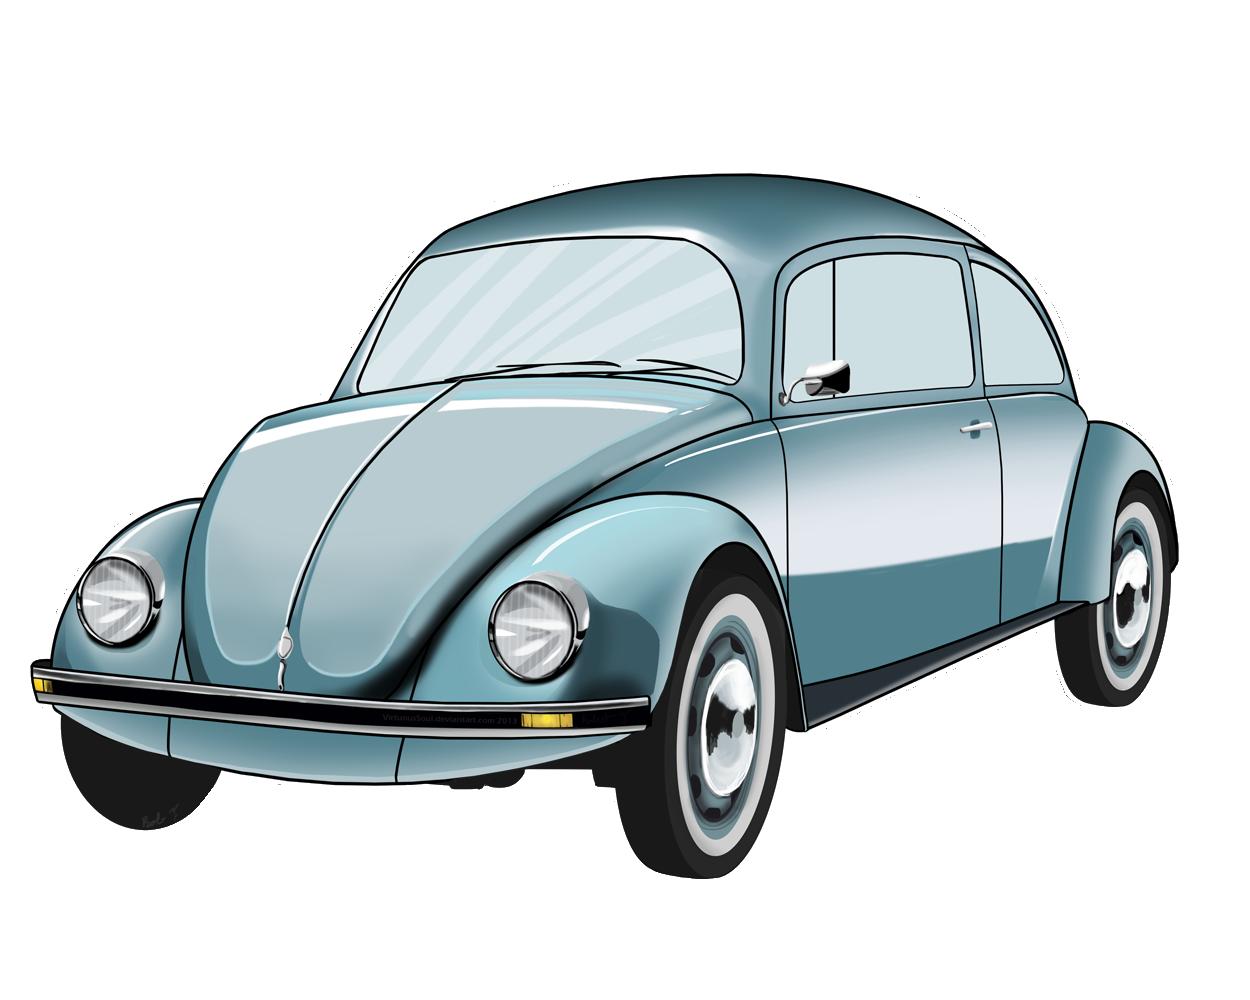 Vw Bug Clipart.